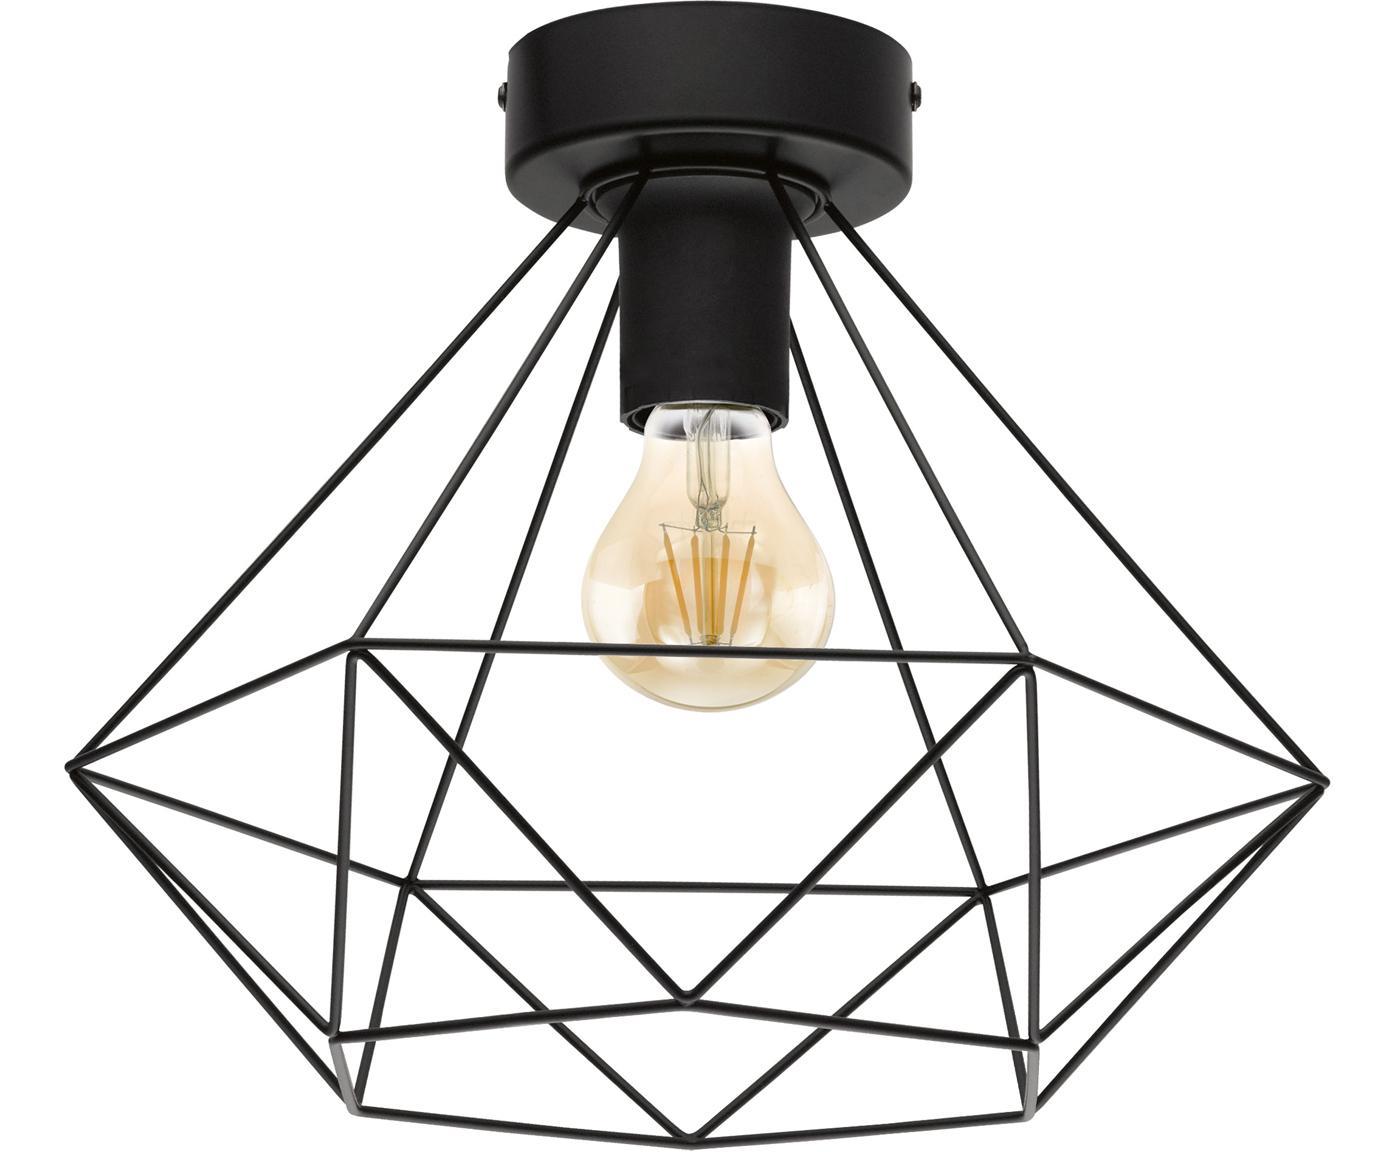 Lampa sufitowa Tarbes, Stal, Czarny, Ø 33 x W 28 cm